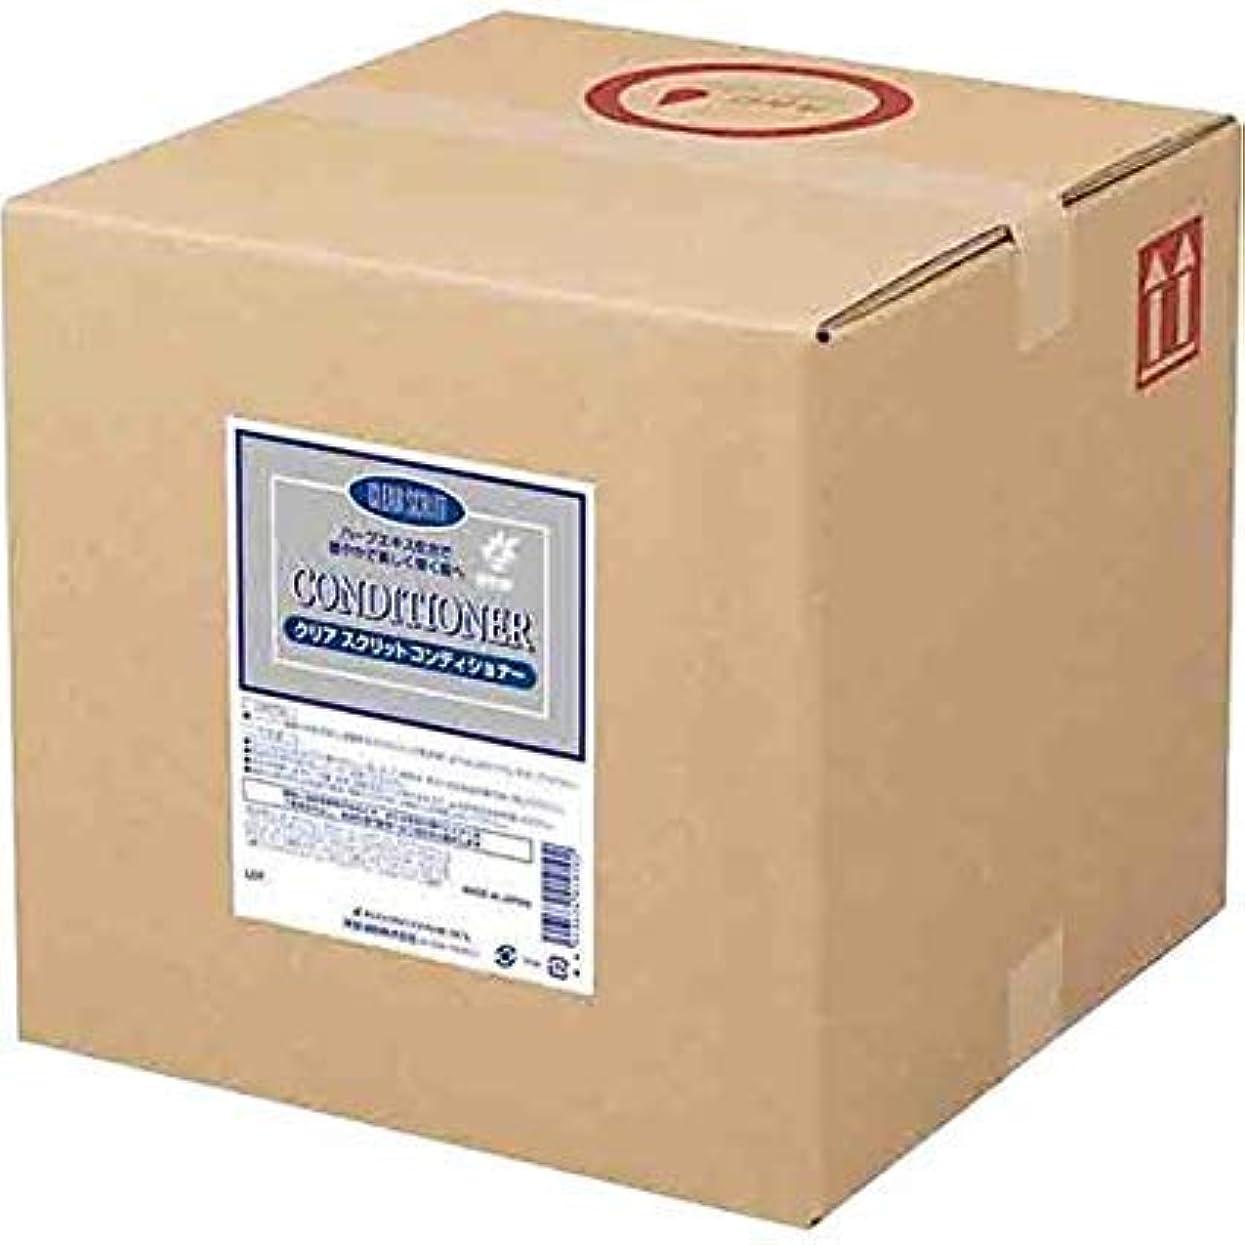 謎ささやき水素業務用 クリアスクリット コンディショナー 18L 熊野油脂 (コック無し)